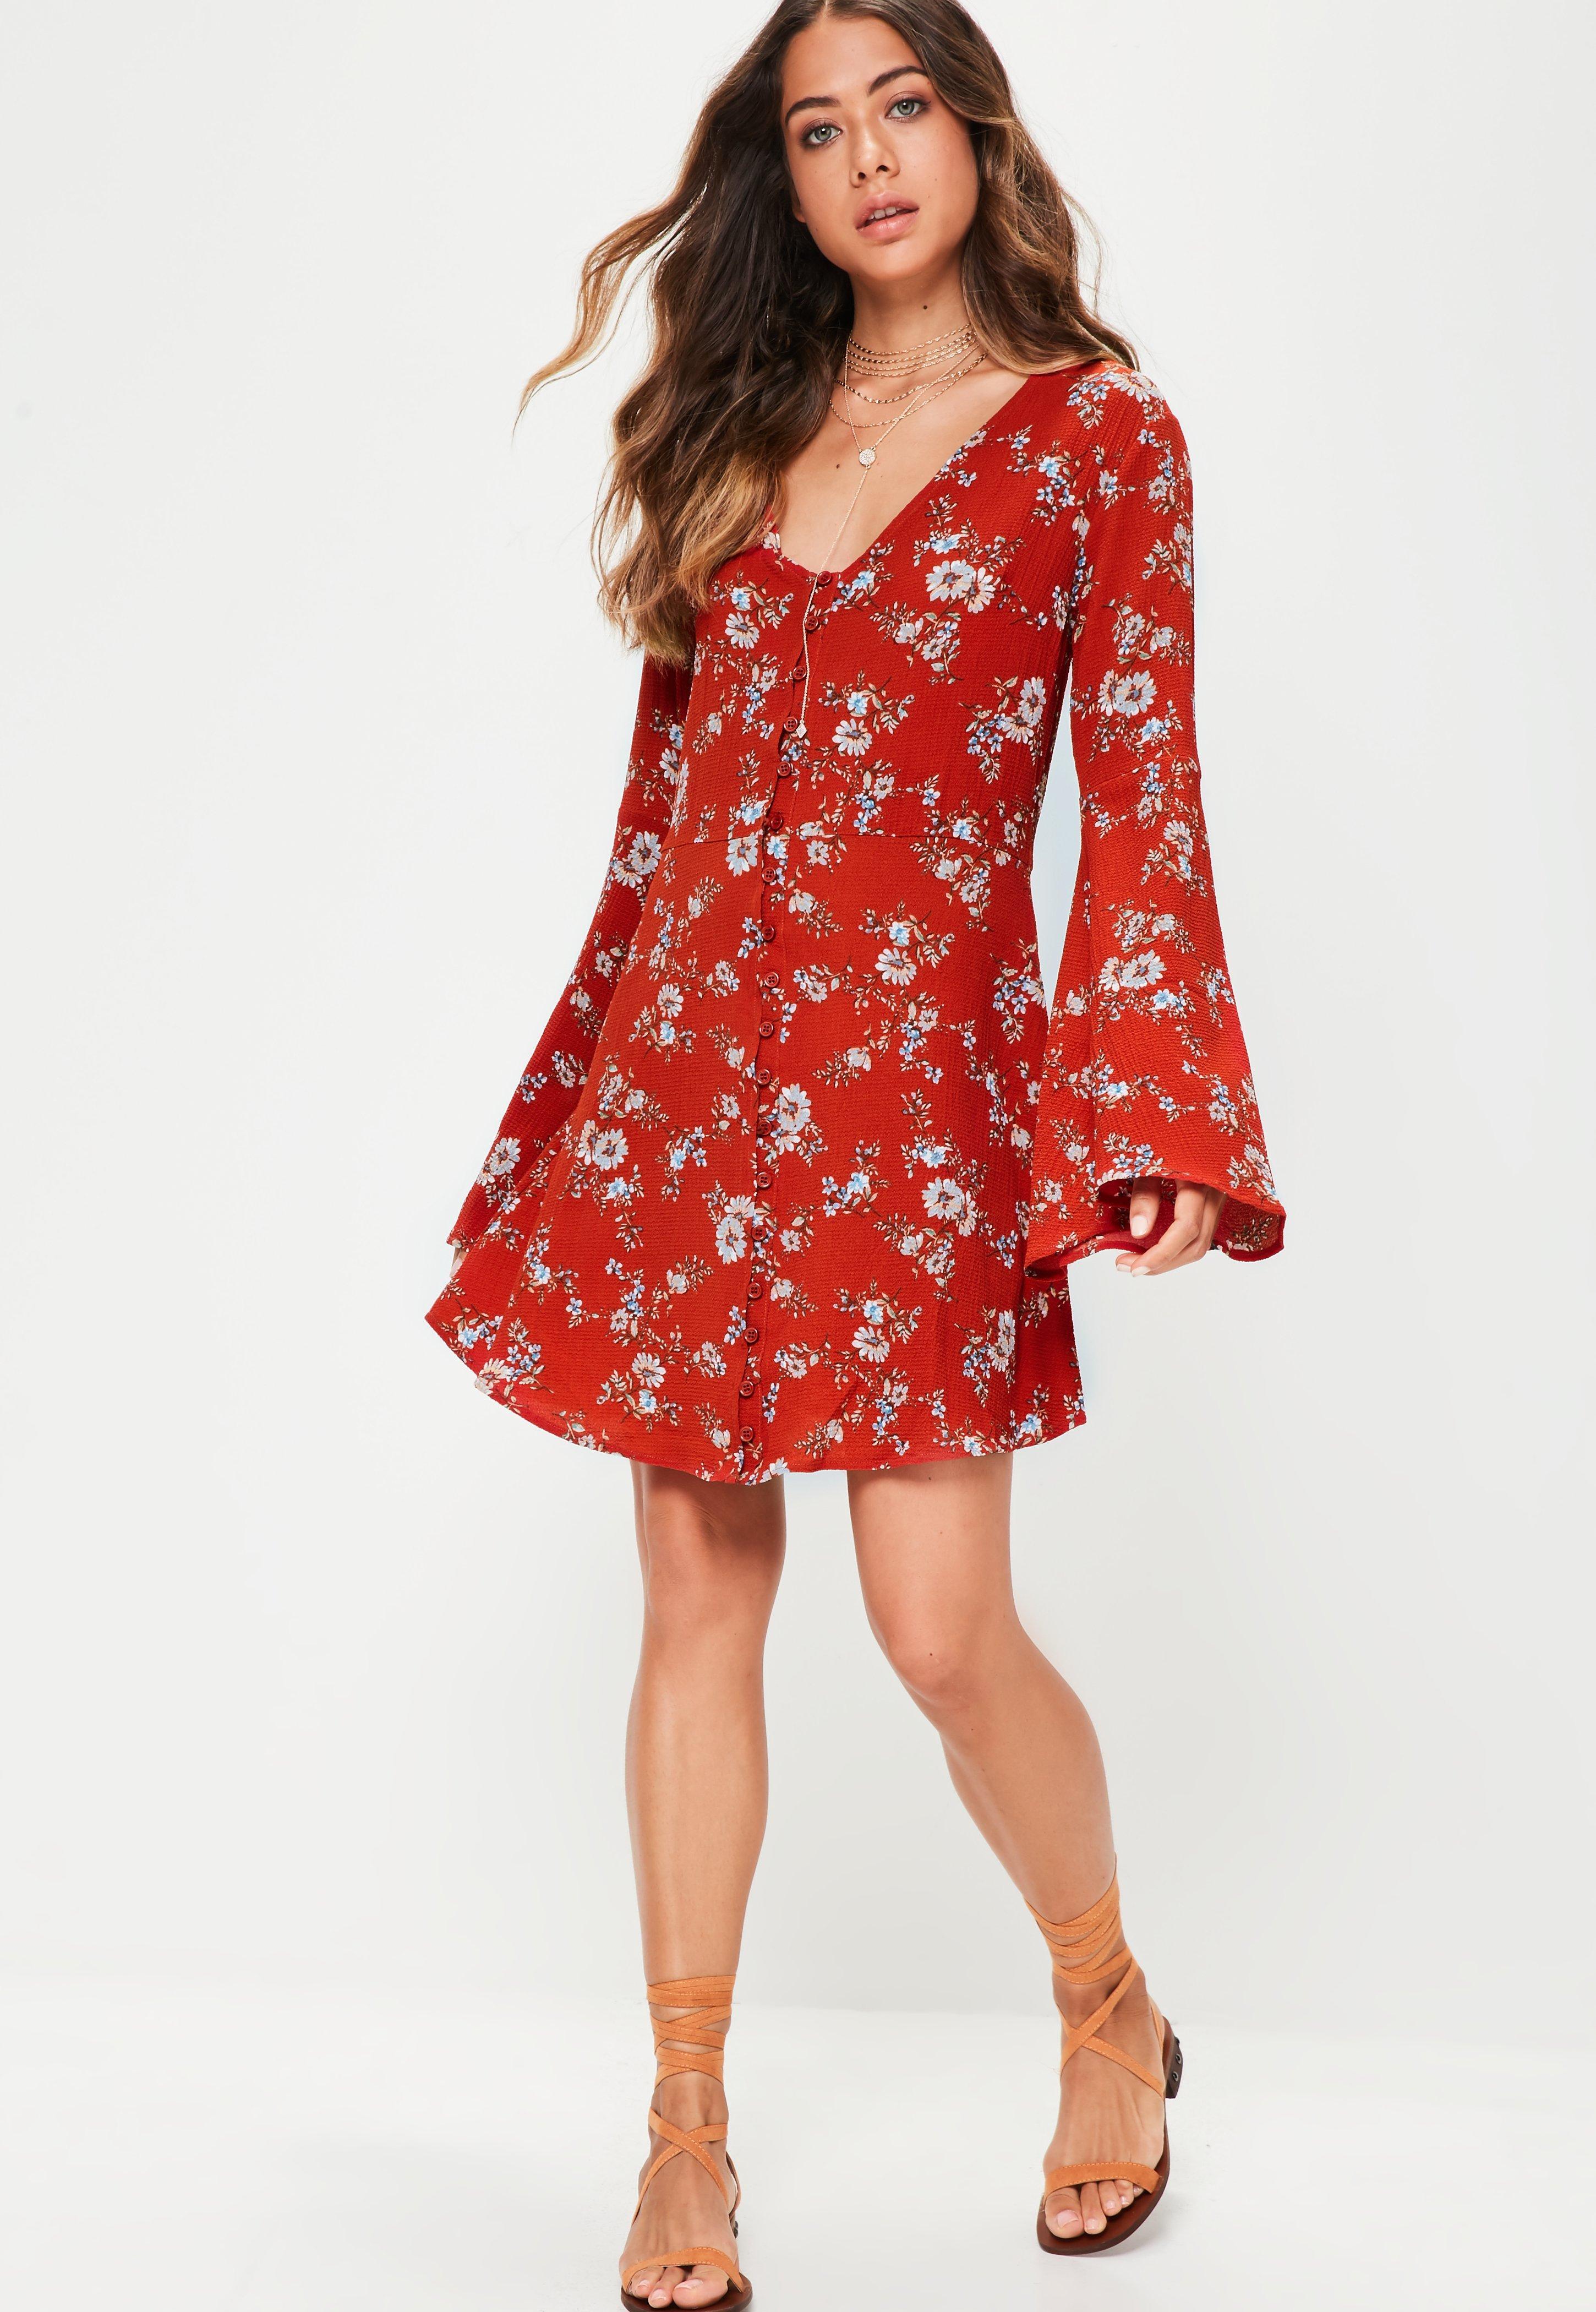 Rotes Kleid mit Blumenmuster und Knopfleiste | Missguided